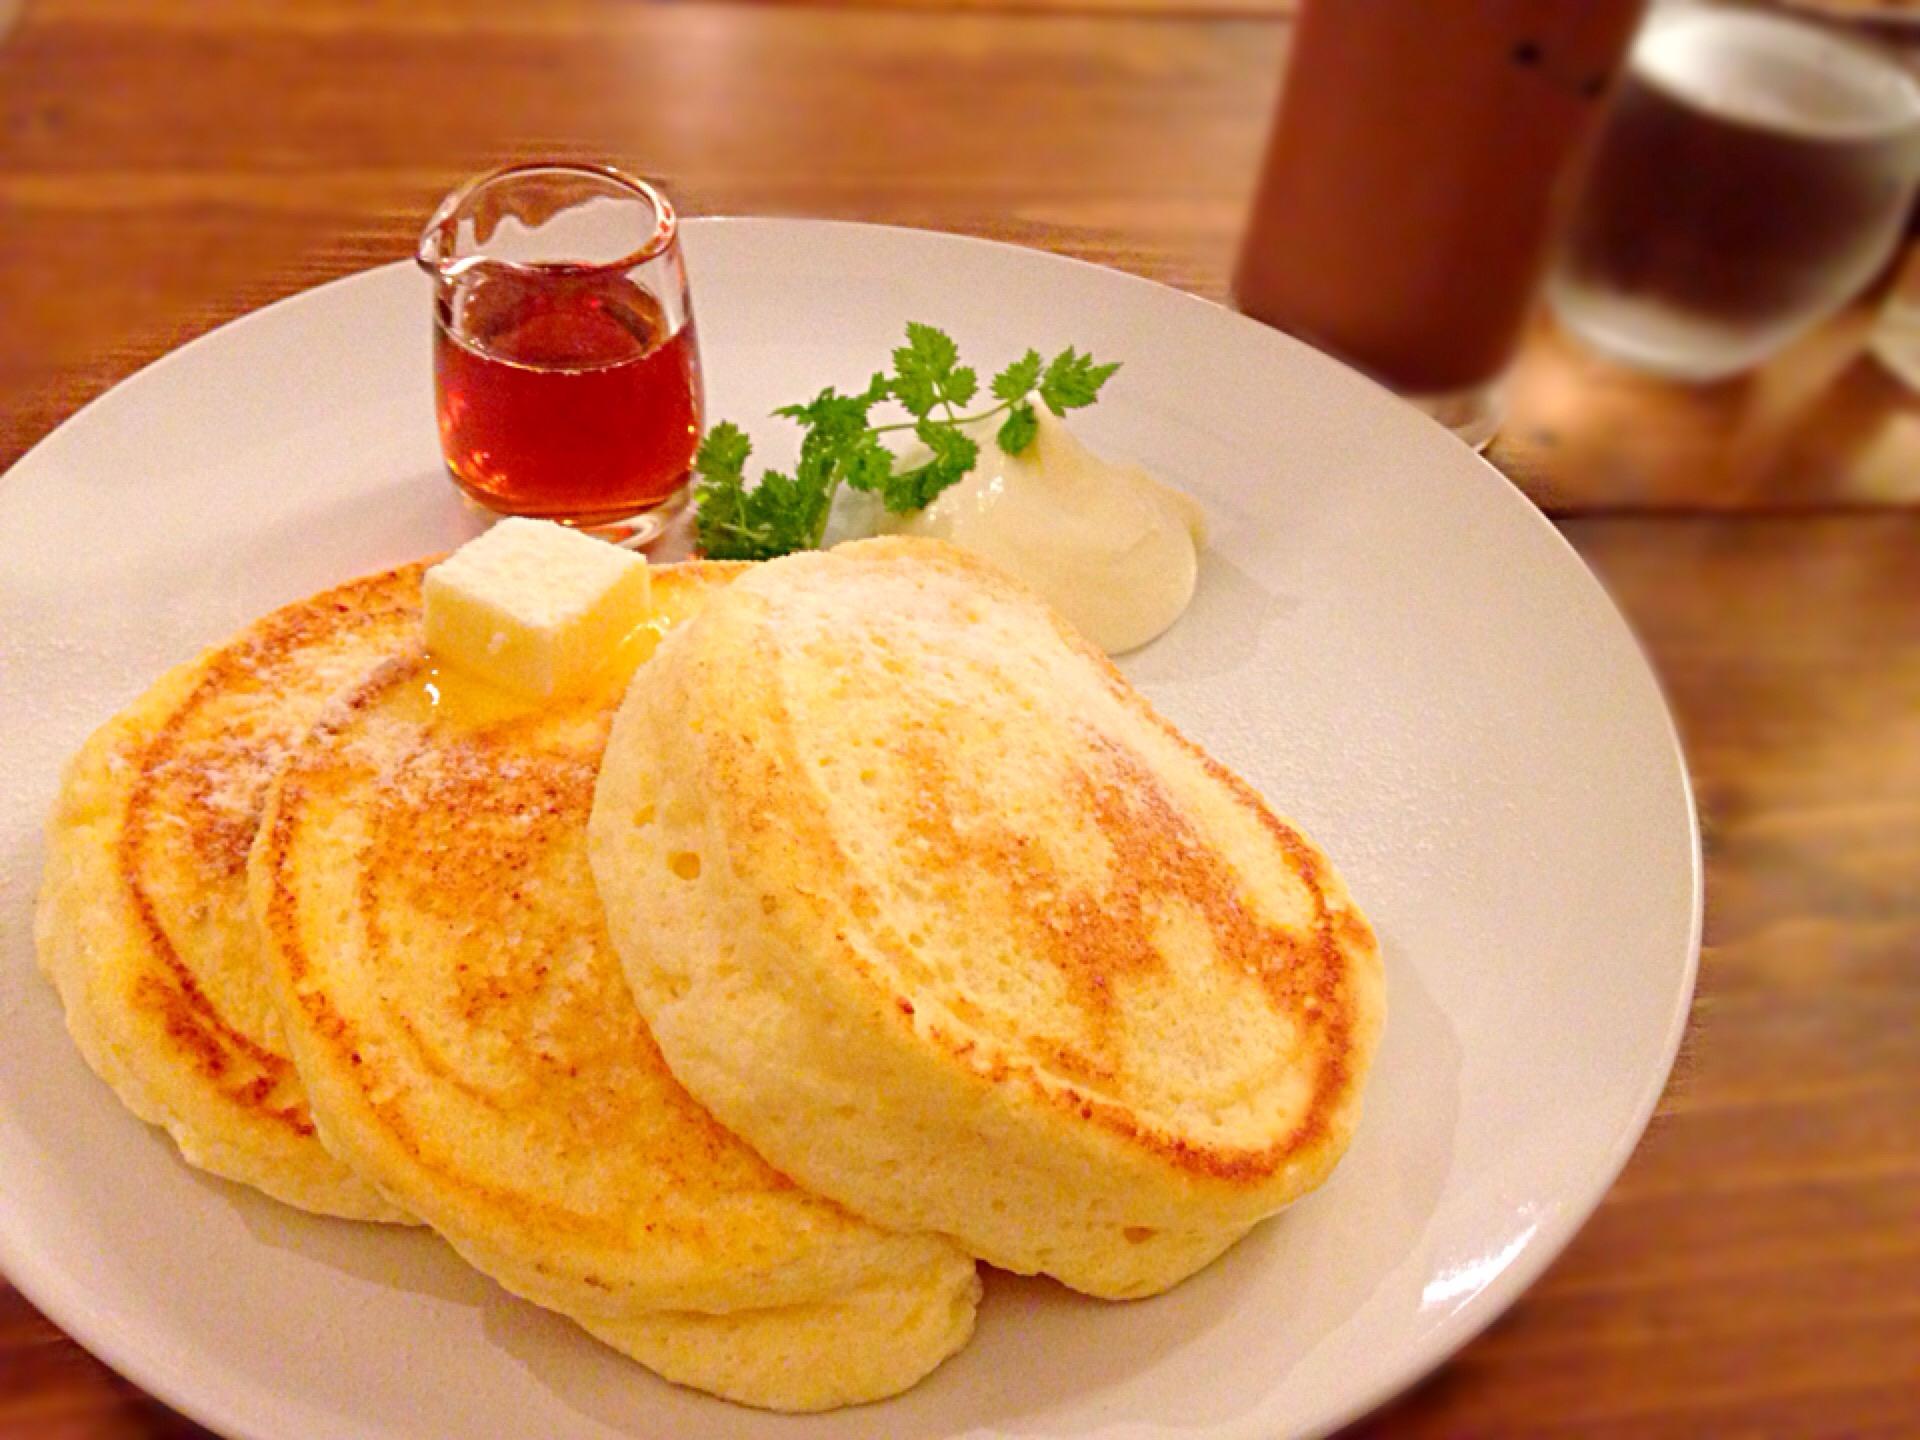 兵庫県一位のお店!夙川「ヨーキーズブランチ」は予約必須な人気カフェ!